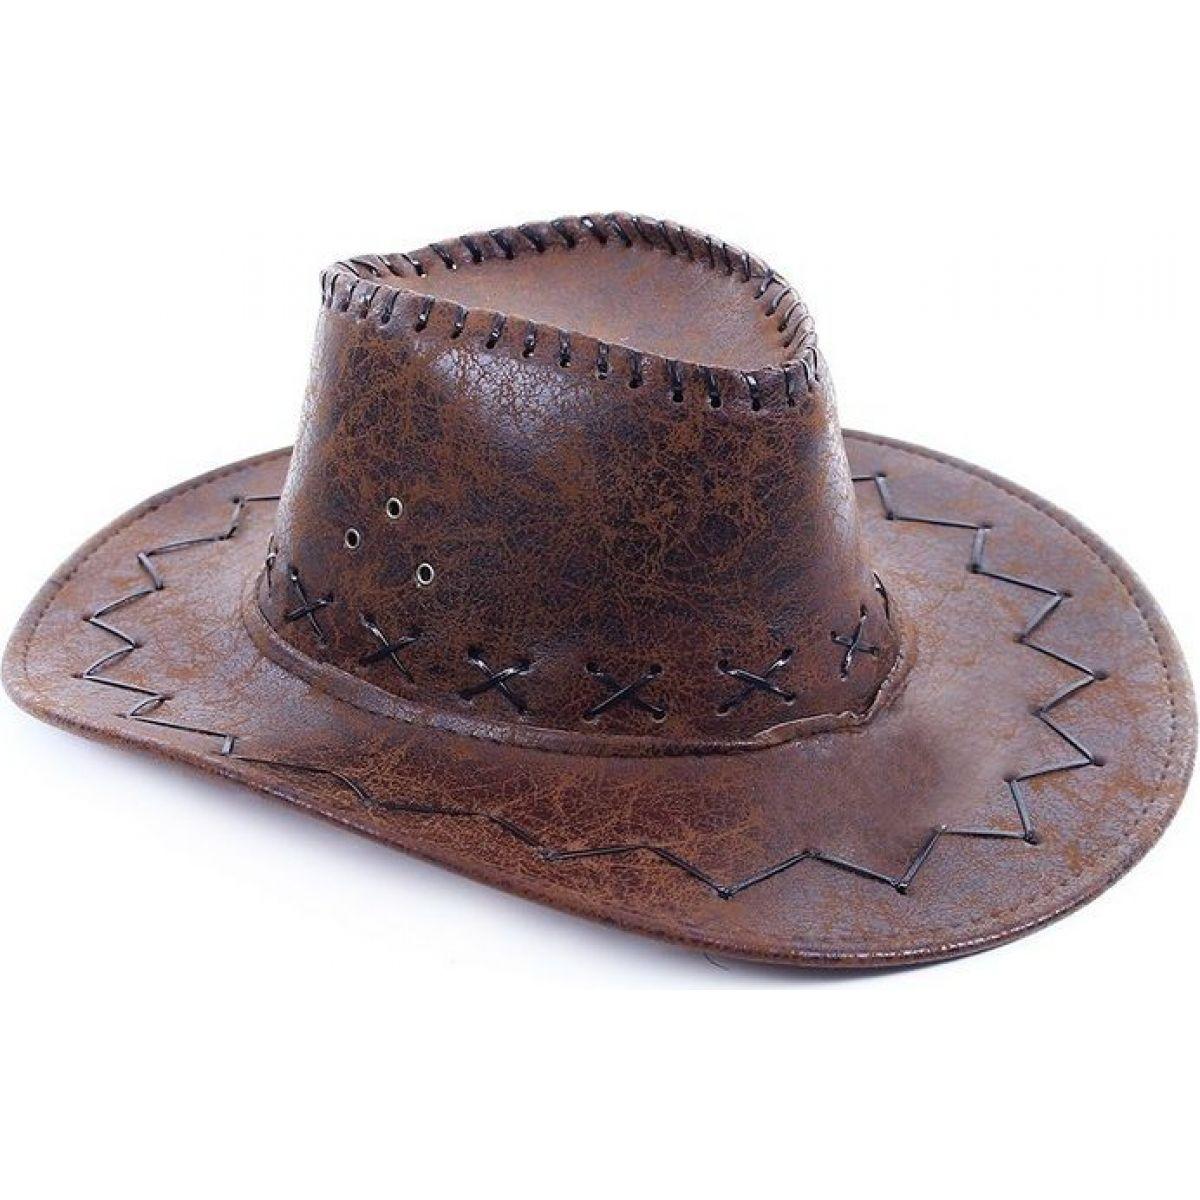 Rappa Kovbojský klobouk pro dospělé